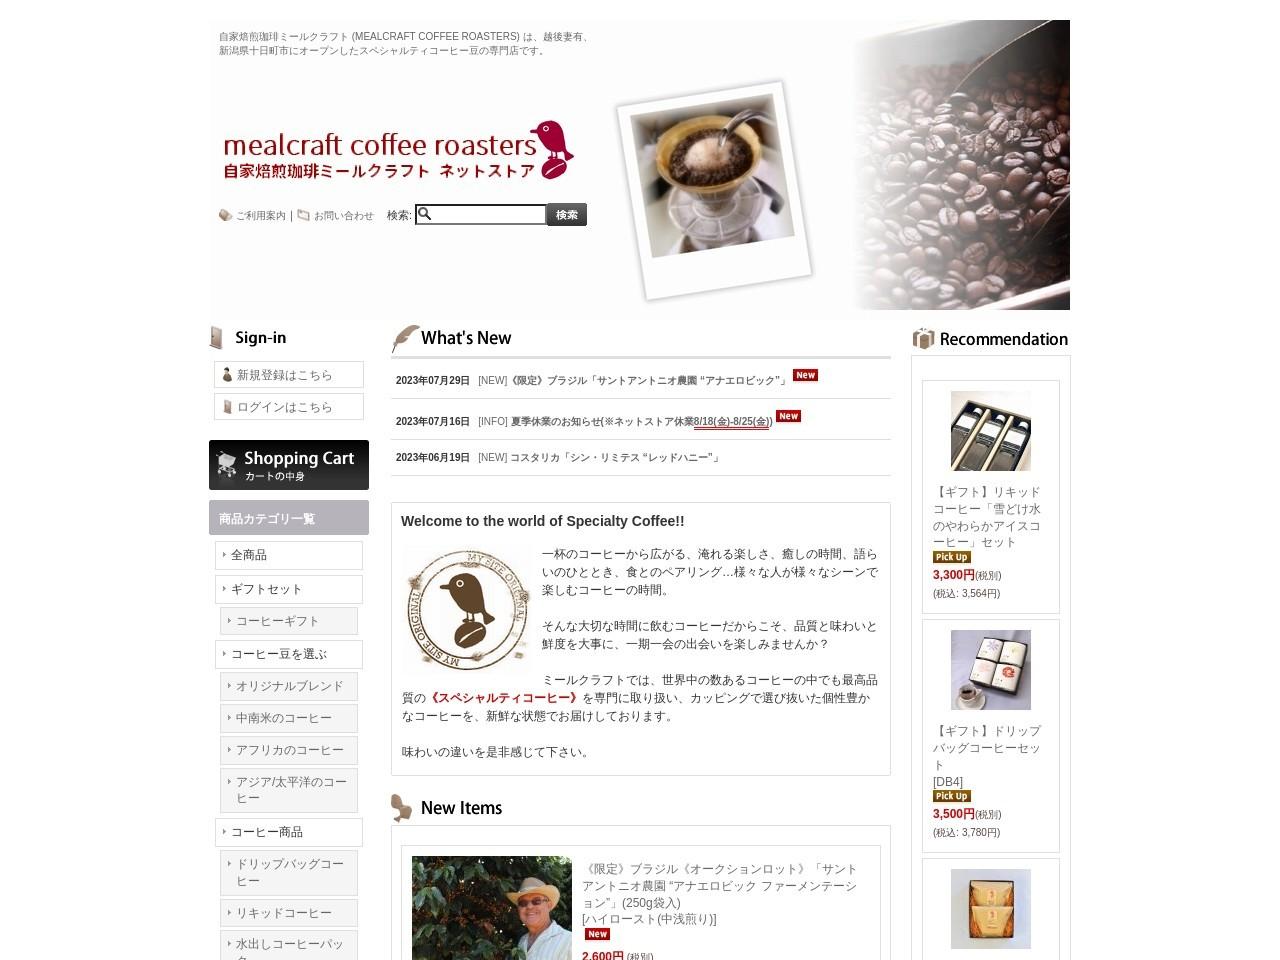 スペシャルティコーヒー豆専門店「自家焙煎珈琲ミールクラフト」 - 越後妻有、新潟県十日町市